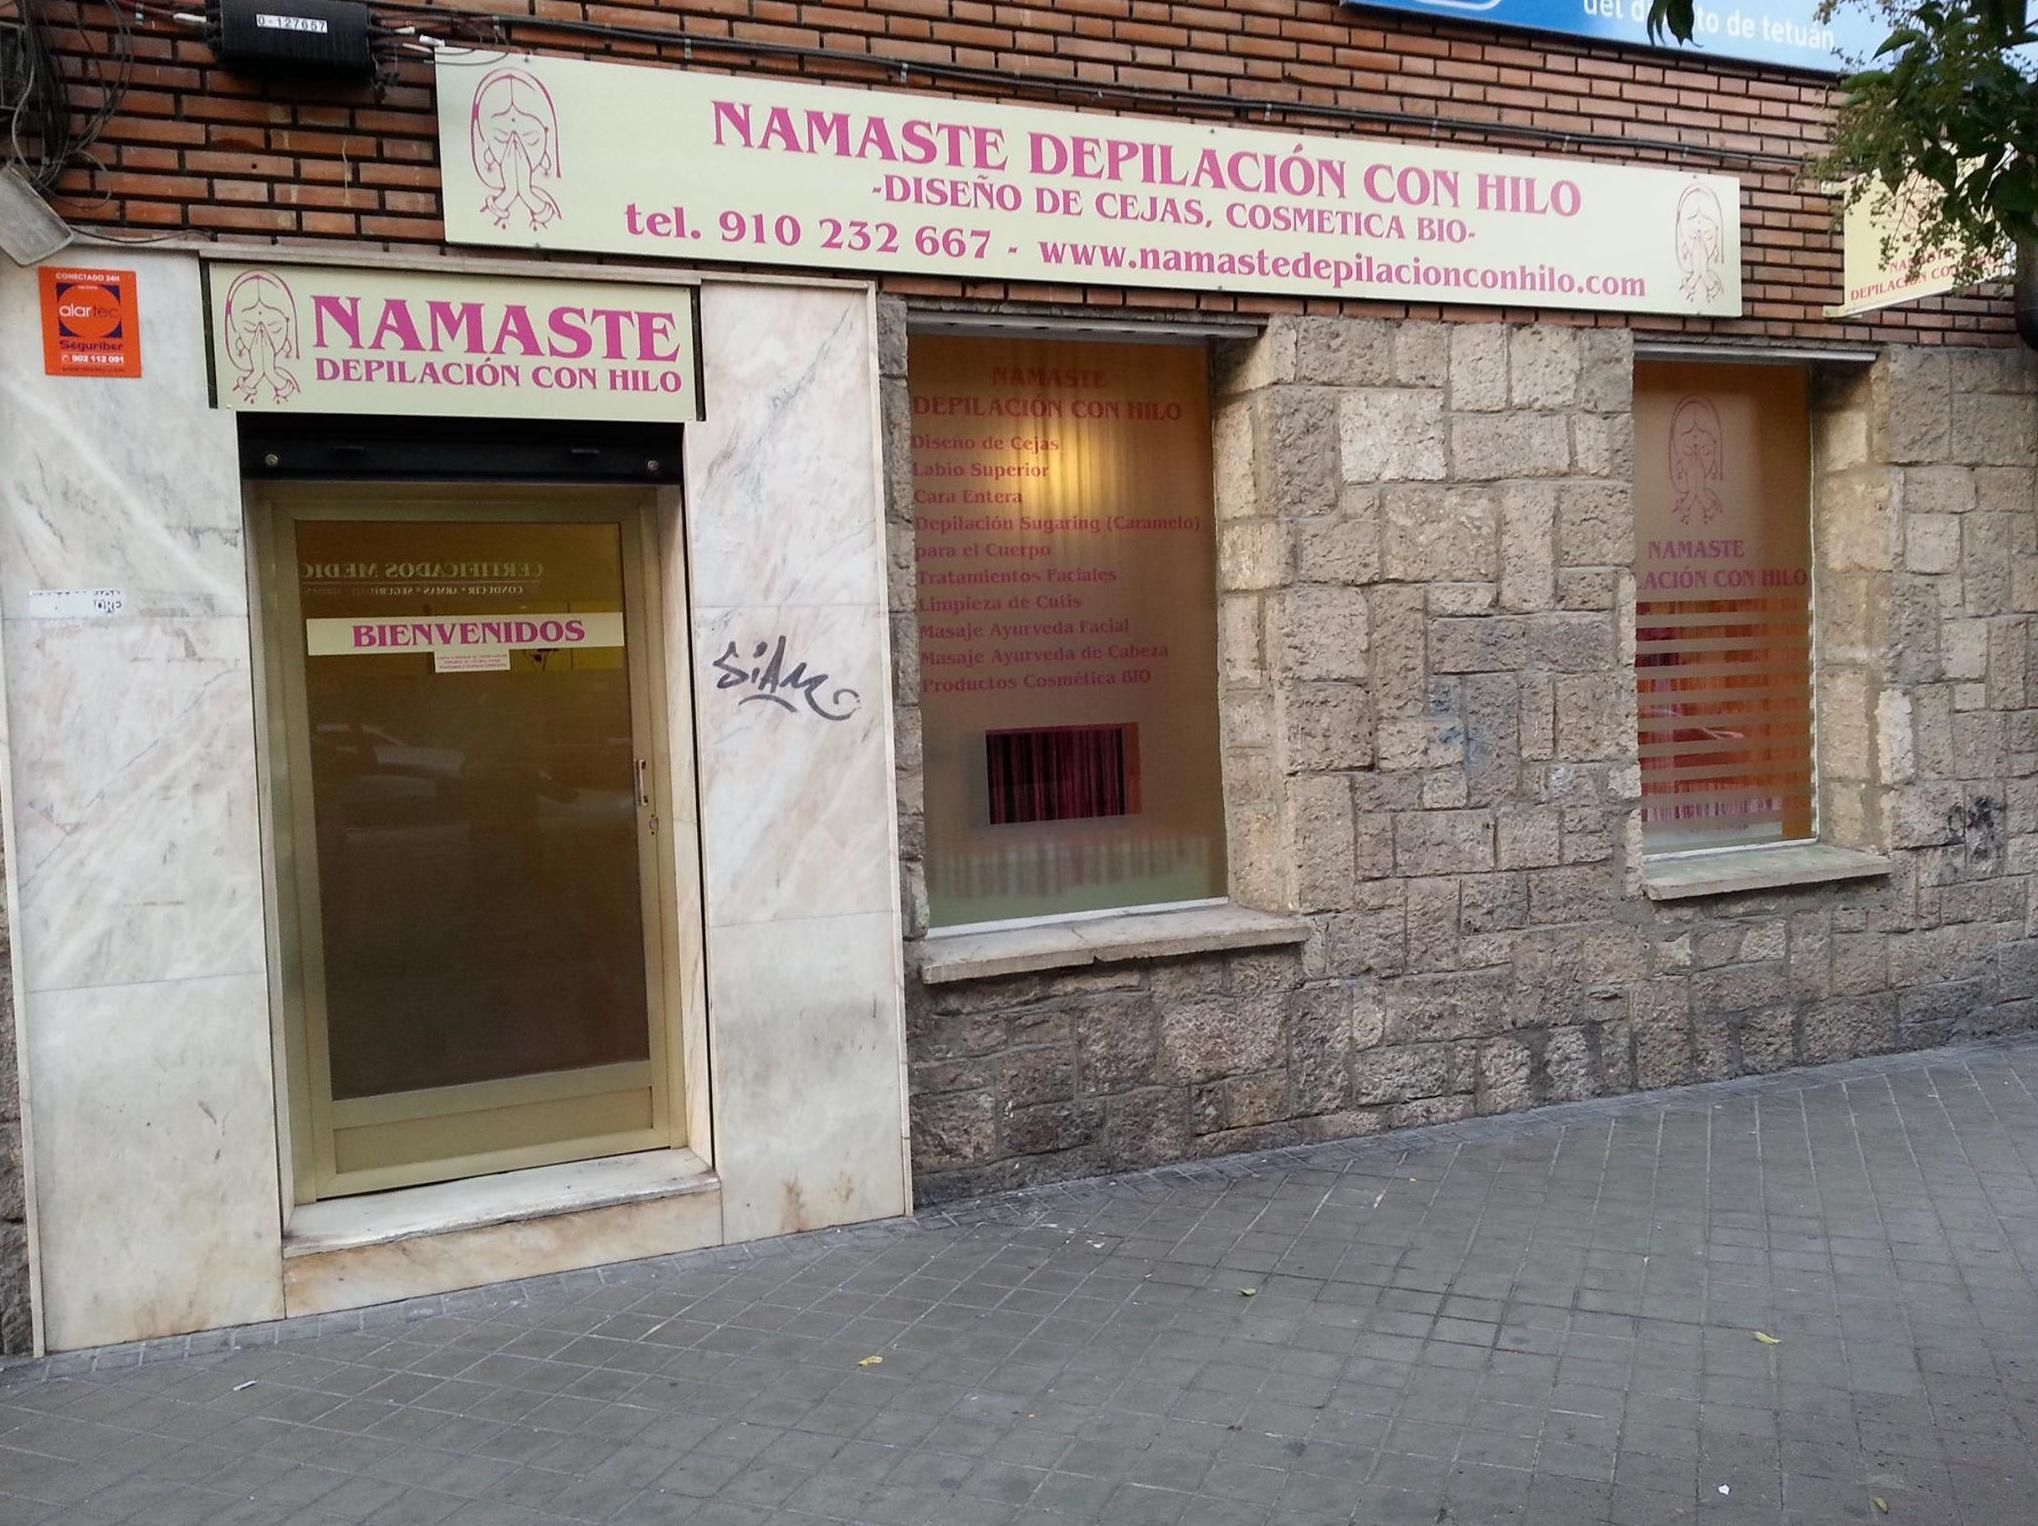 Namaste en Madrid